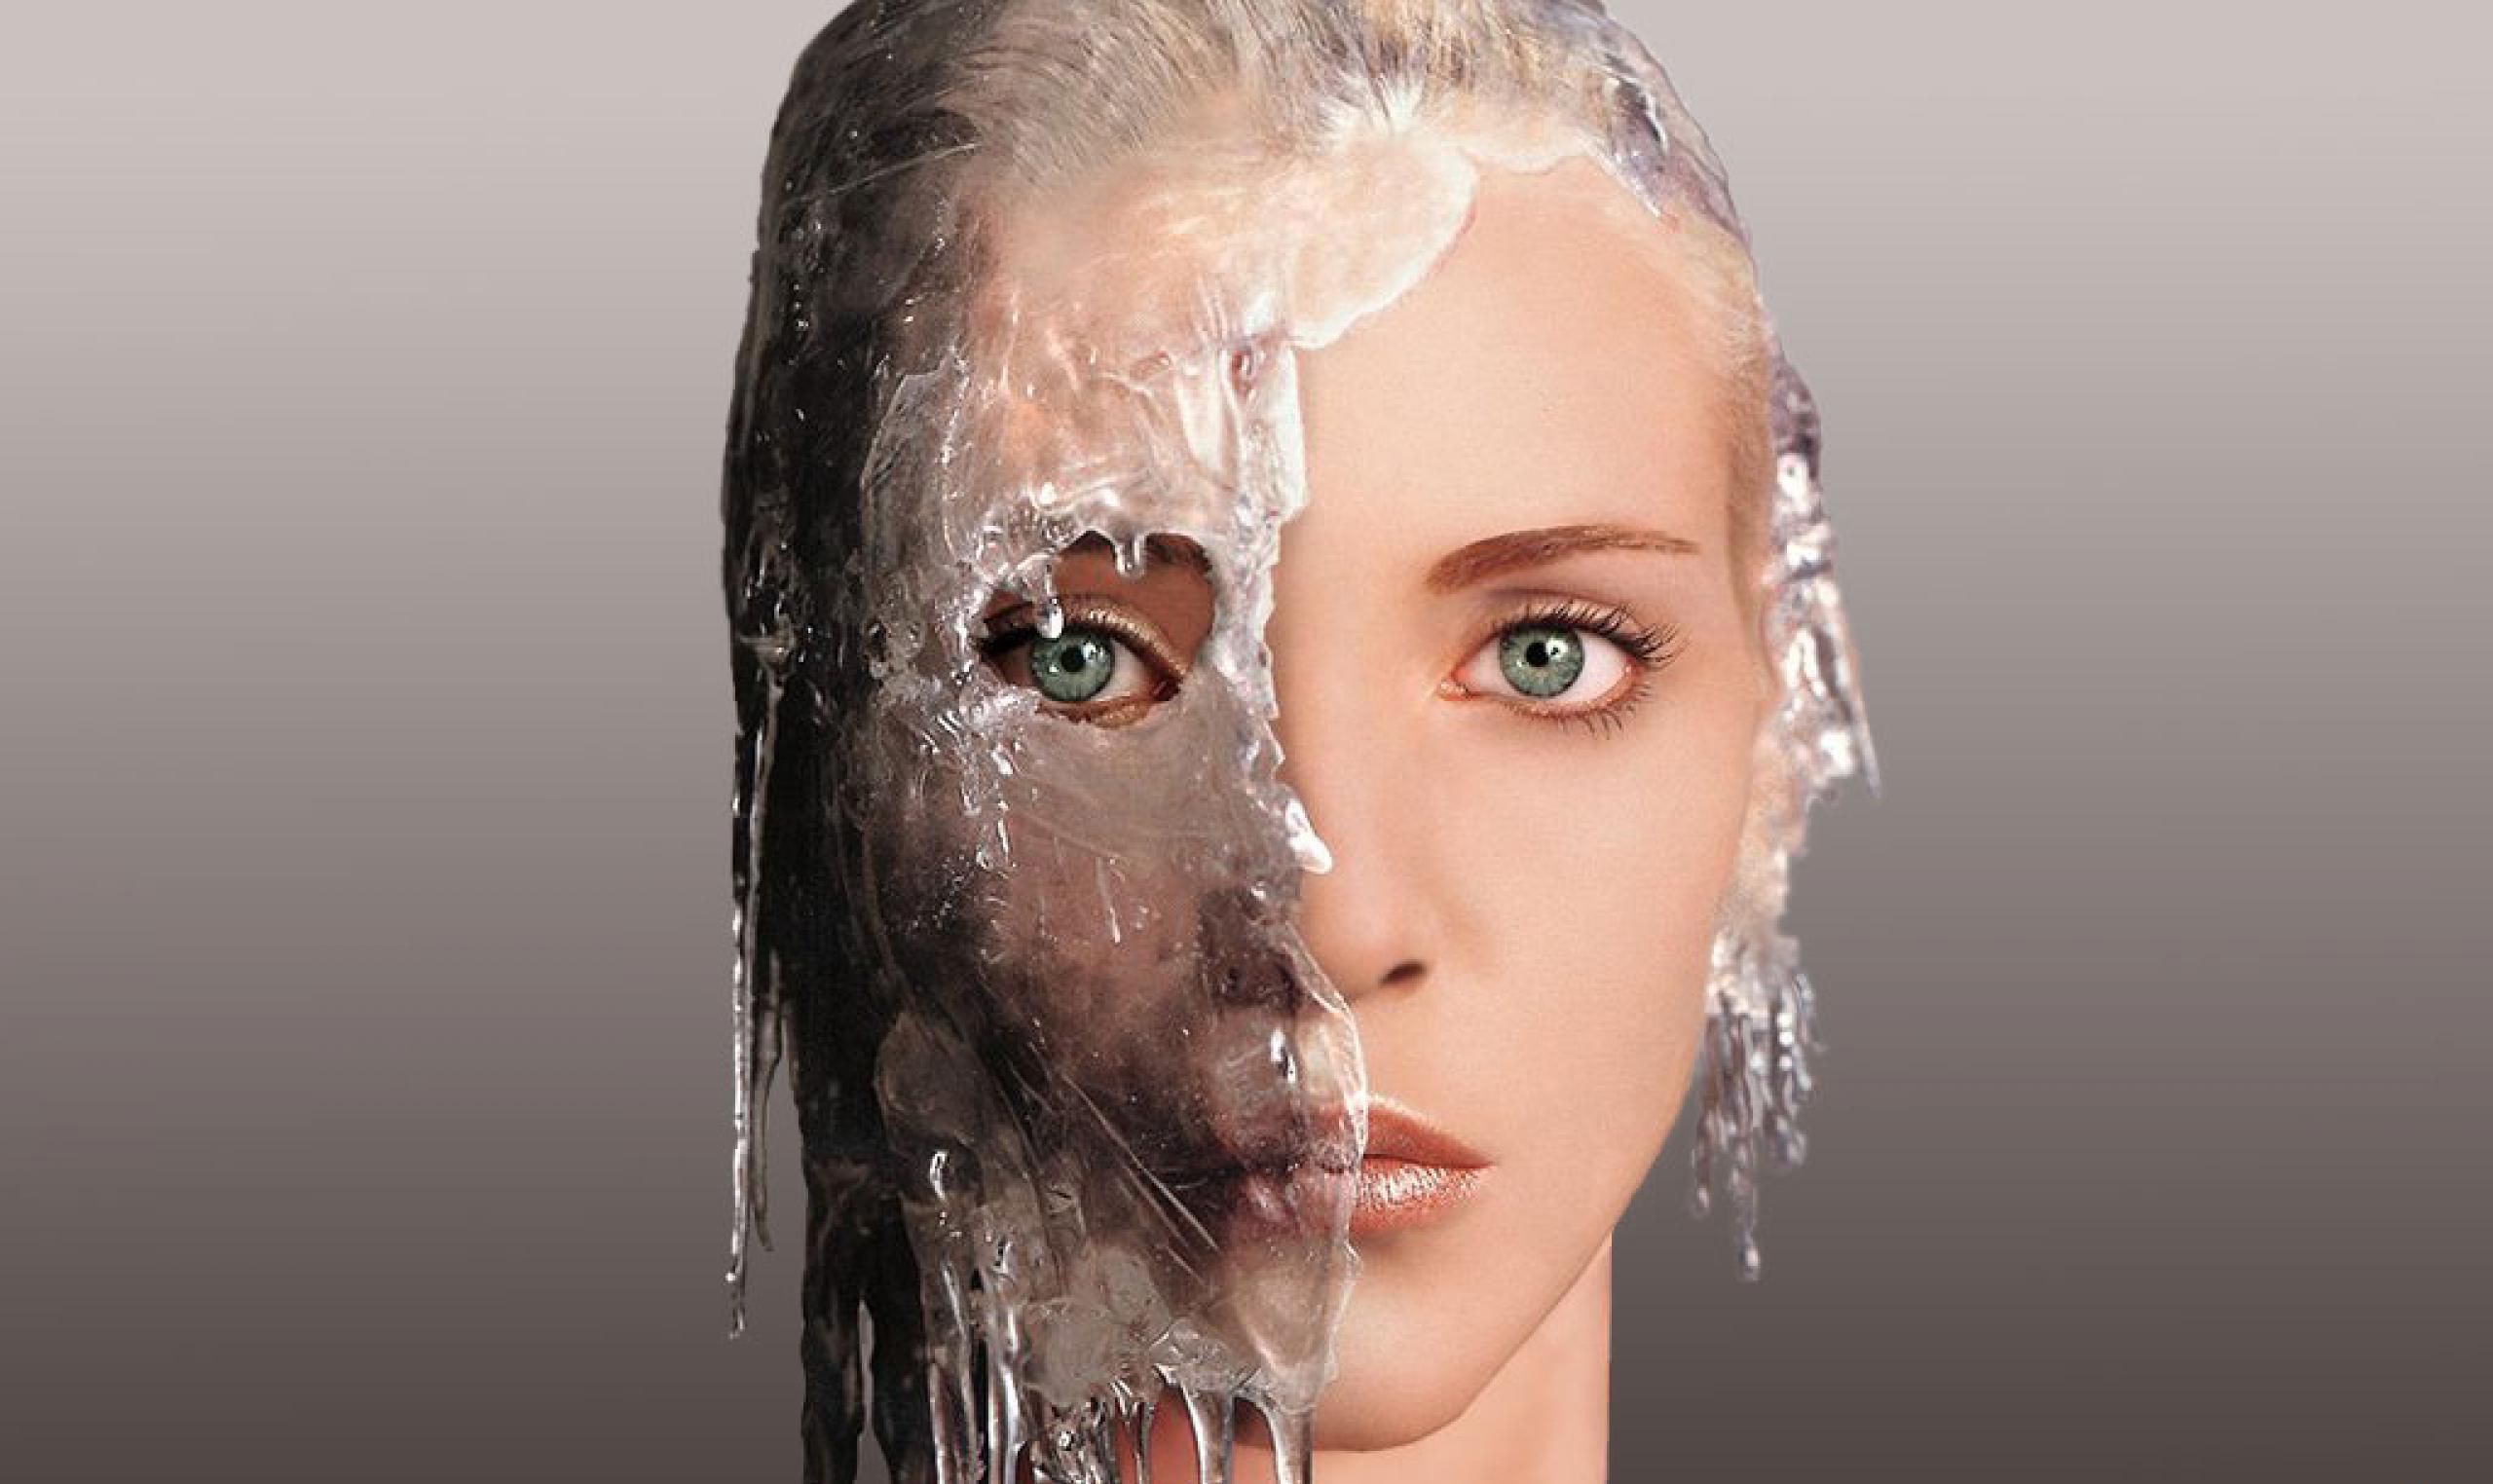 Совети за убавина: Неверојатни начини на кои можете да ги искористите коцките мраз